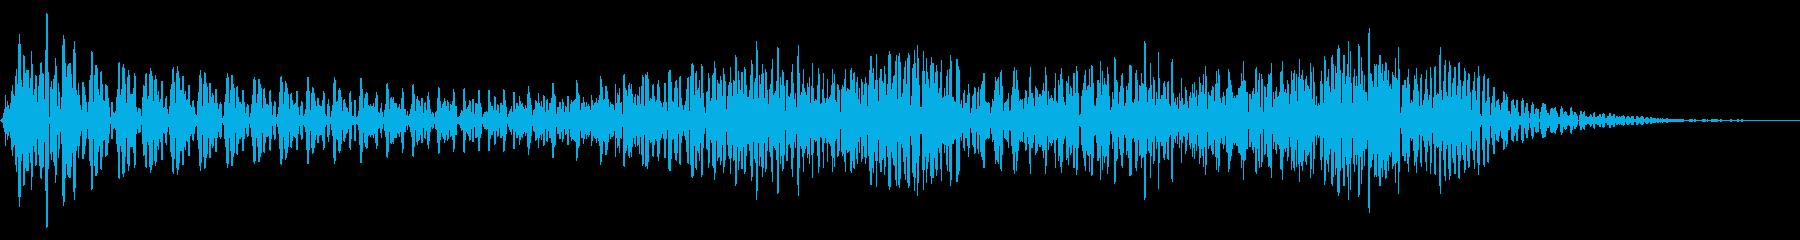 ドゥーン 上昇 ウッドベースの再生済みの波形